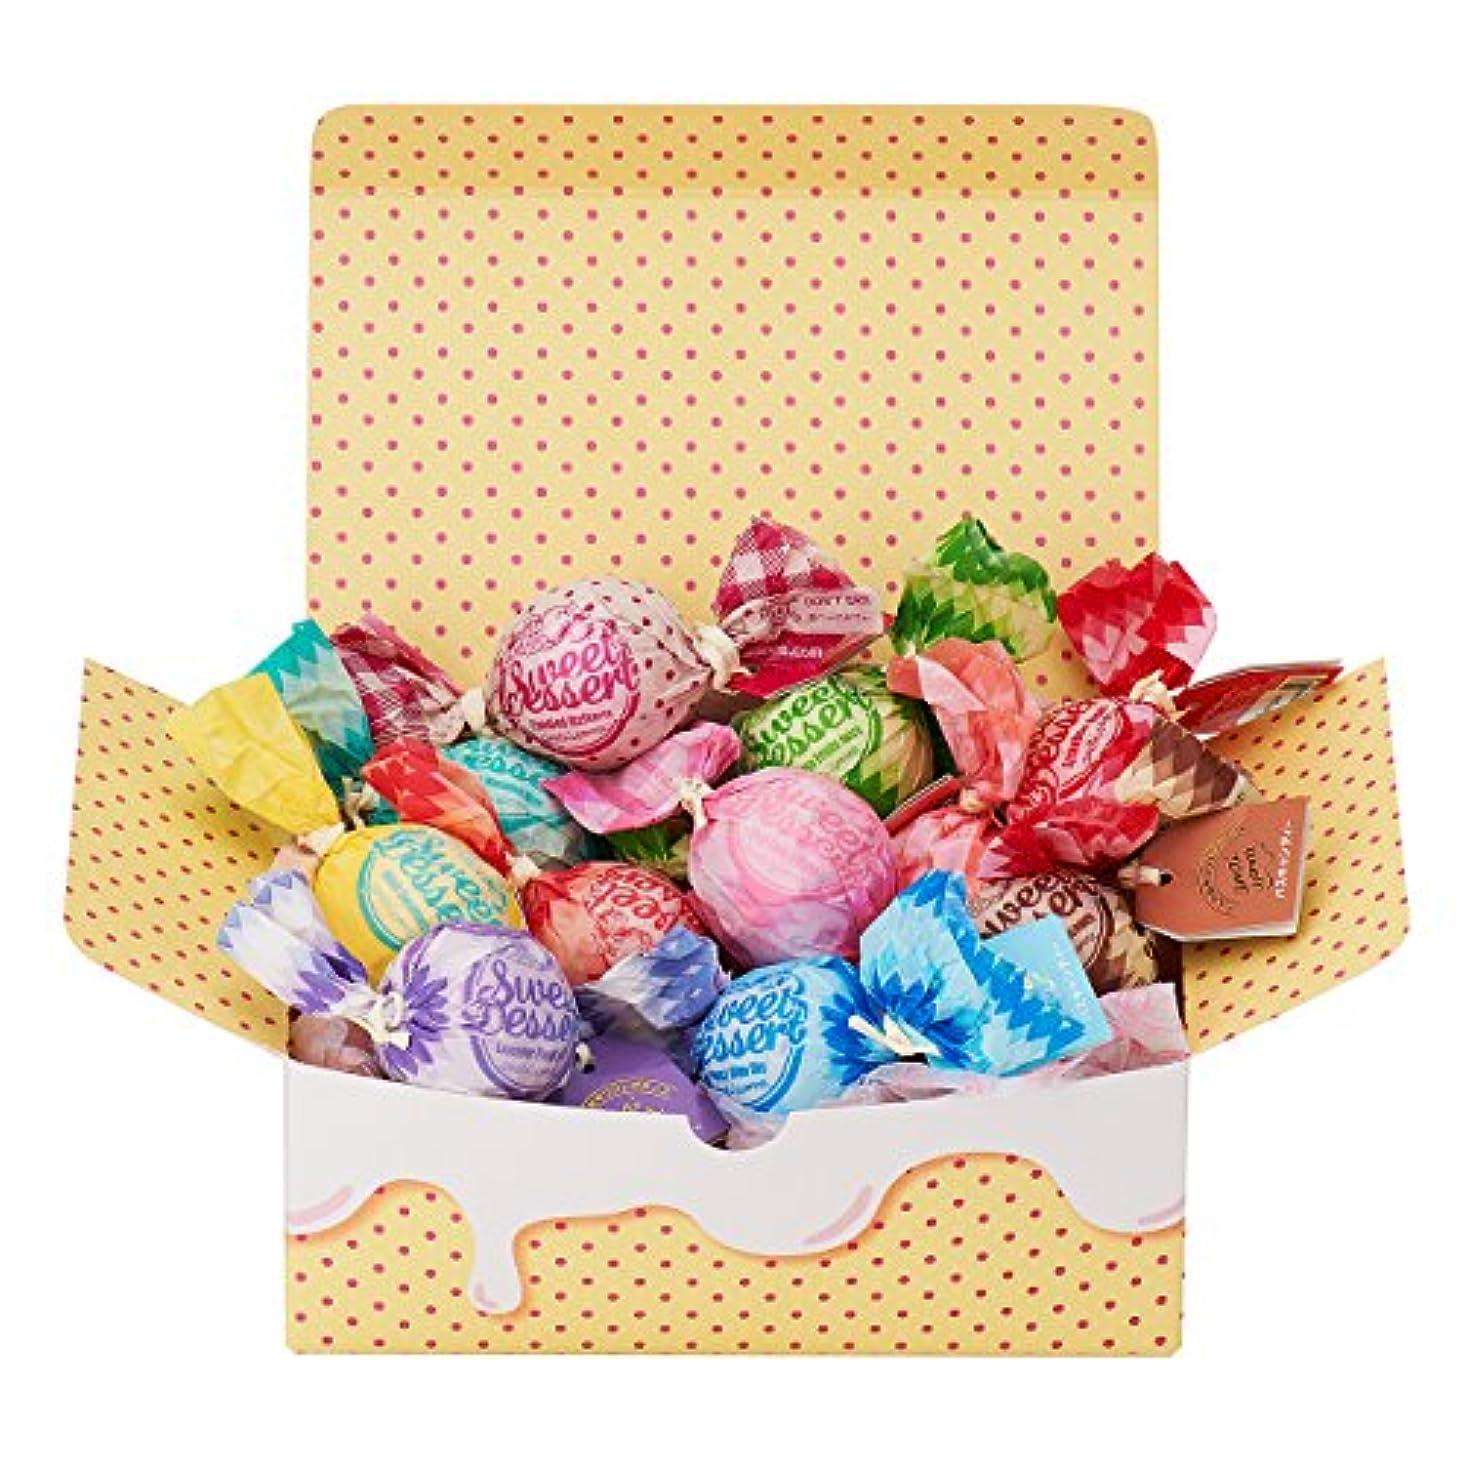 博物館ラフレシアアルノルディ詐欺師アマイワナ 11粒のしあわせ(箱入りバスギフト キャンディー型入浴料×11個)